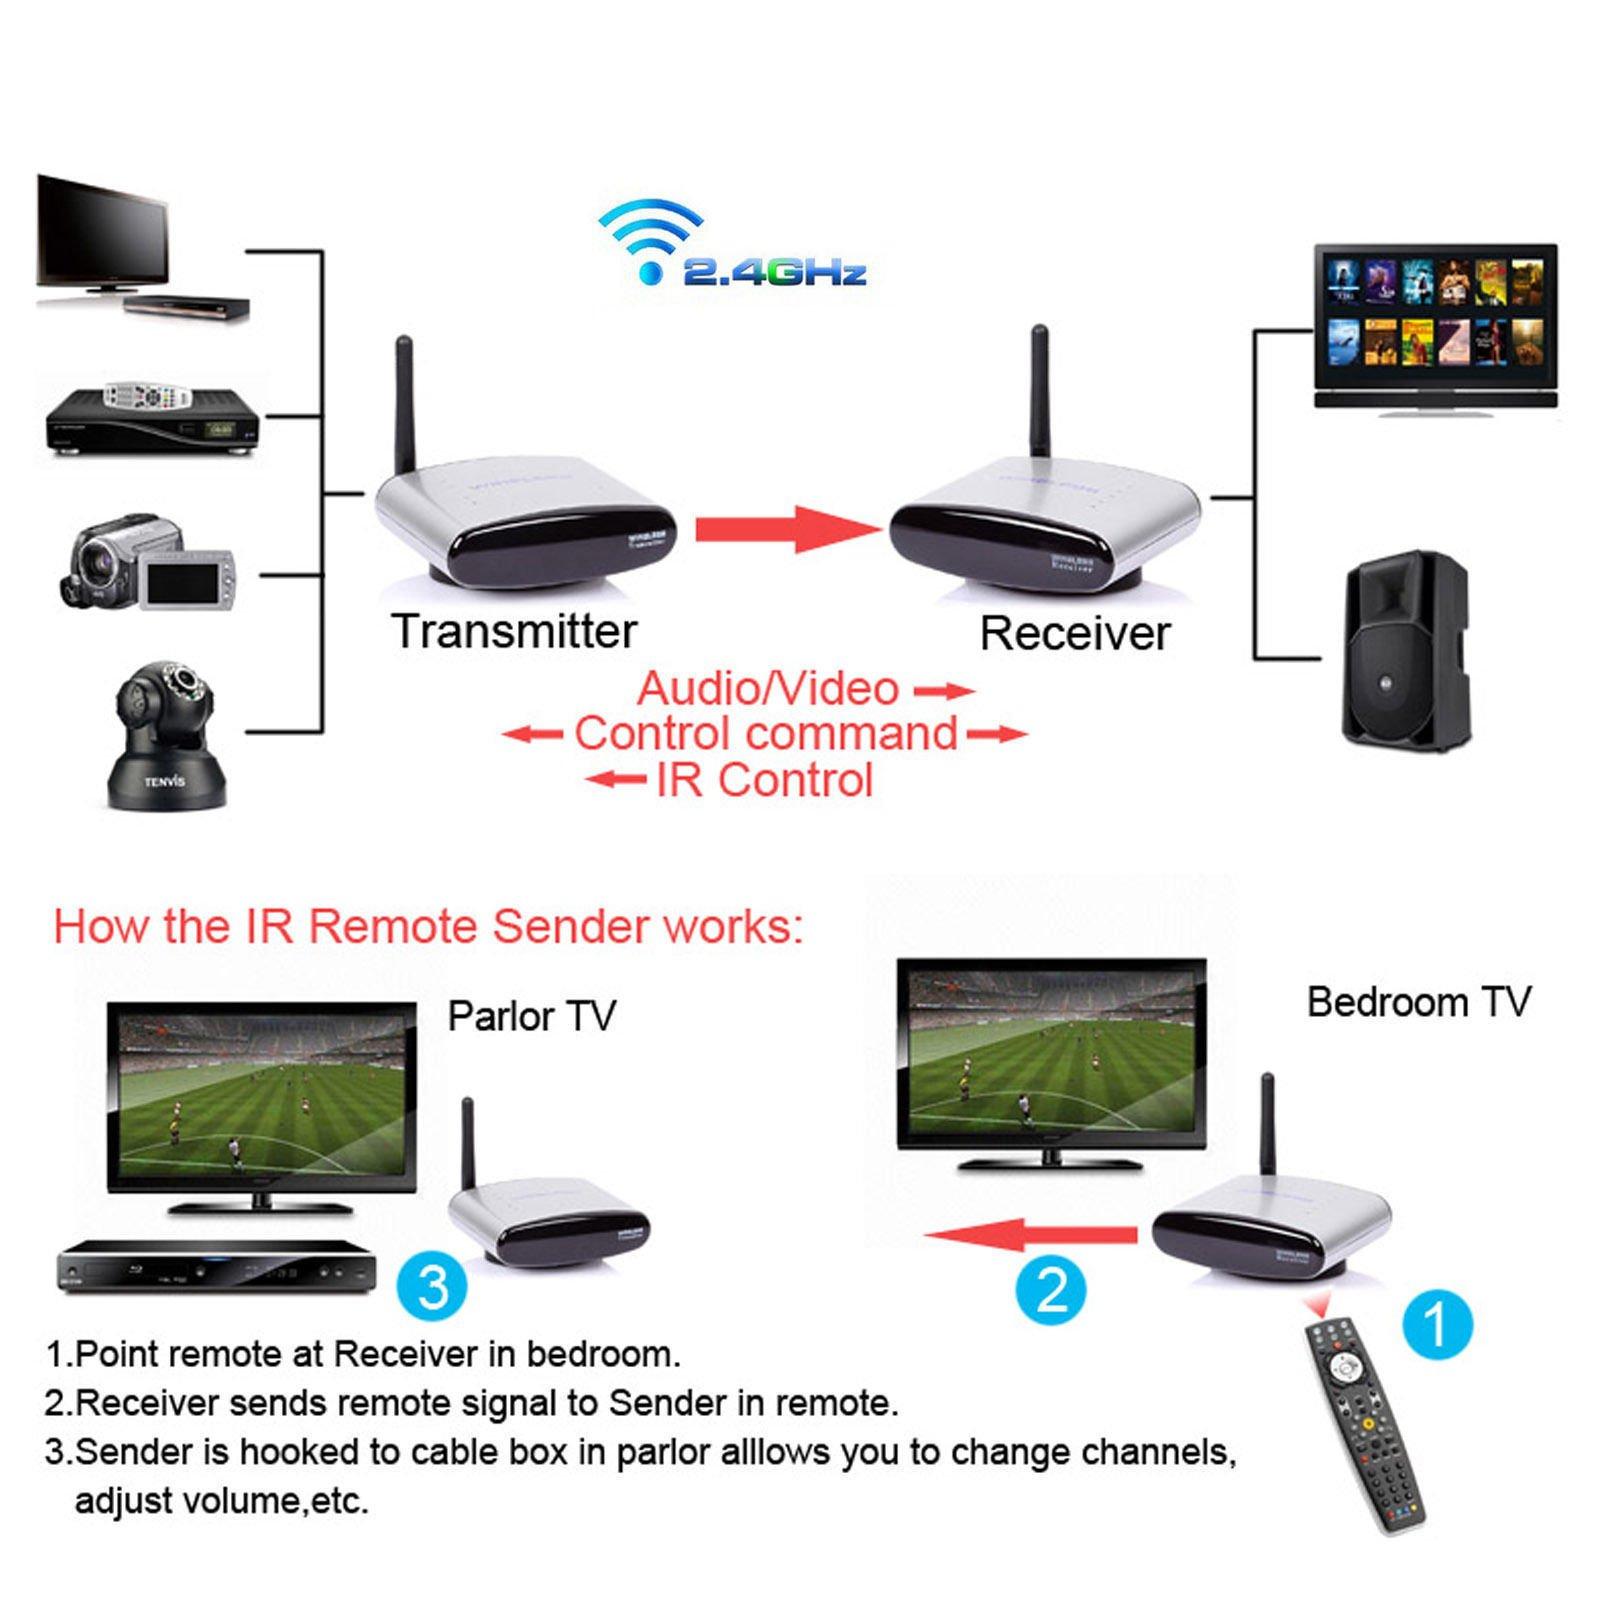 iKKEGOL 2.4GHz RF 150m Wireless AV Audio Video Sender Transmitter Receiver HD TV STB Extender PAT-330 by iKKEGOL